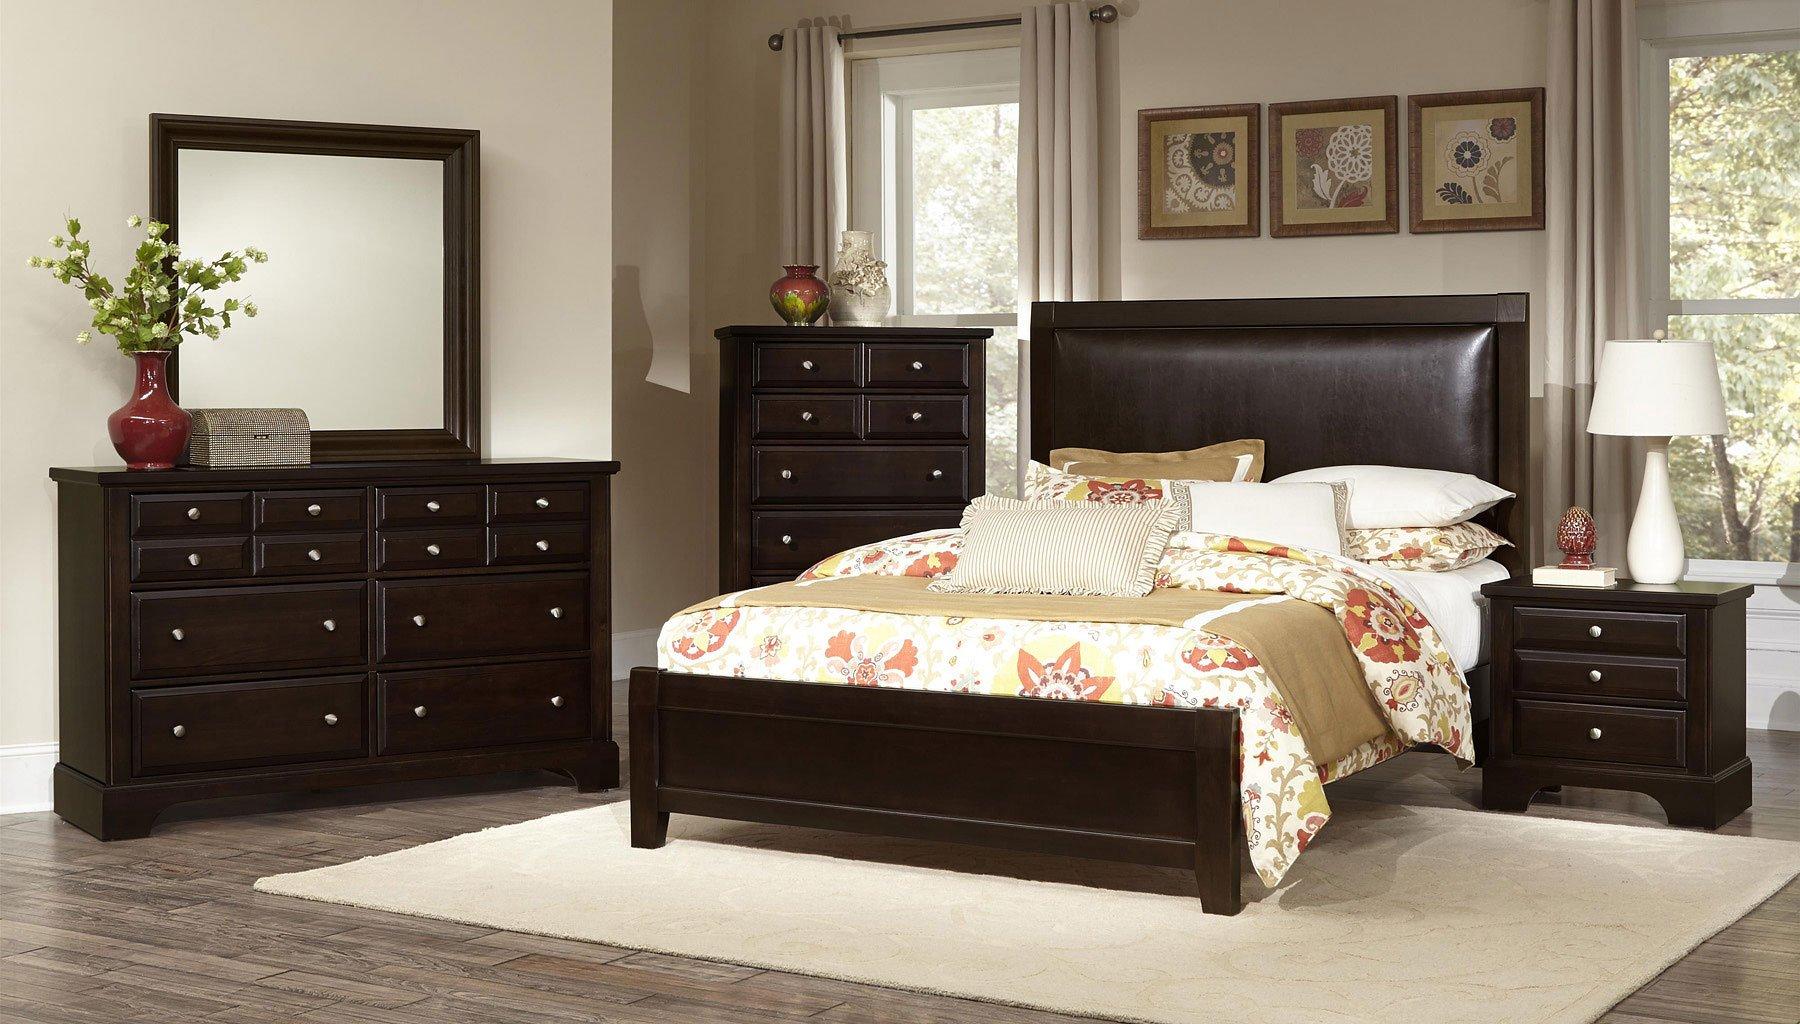 Bedford Panel Bedroom Set (Merlot)